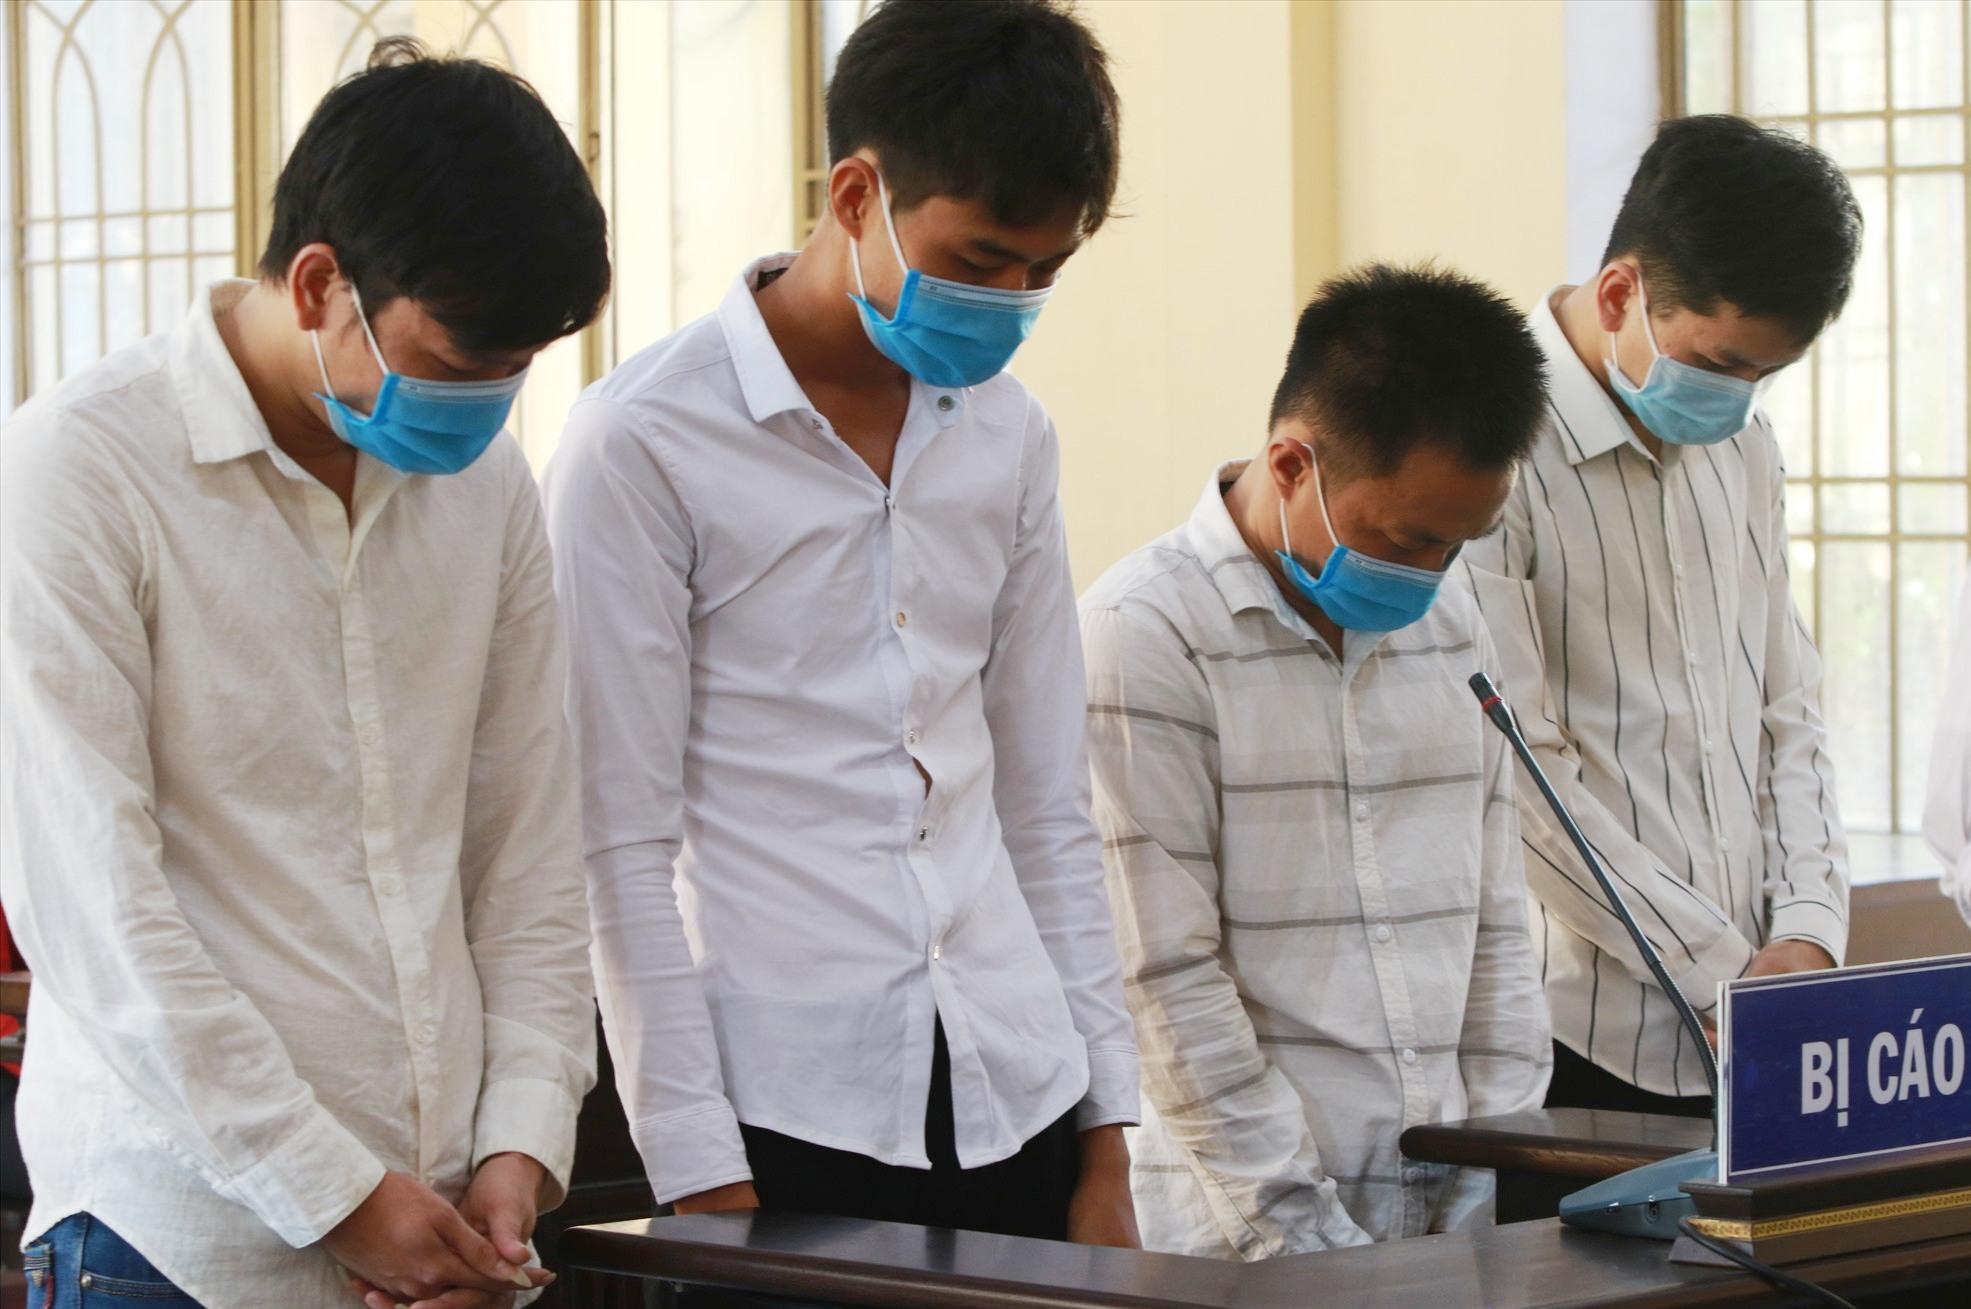 Nhóm thanh niên trộm cắp 37 cây vàng lĩnh tổng cộng mức án 31 năm tù. Ảnh: T.C